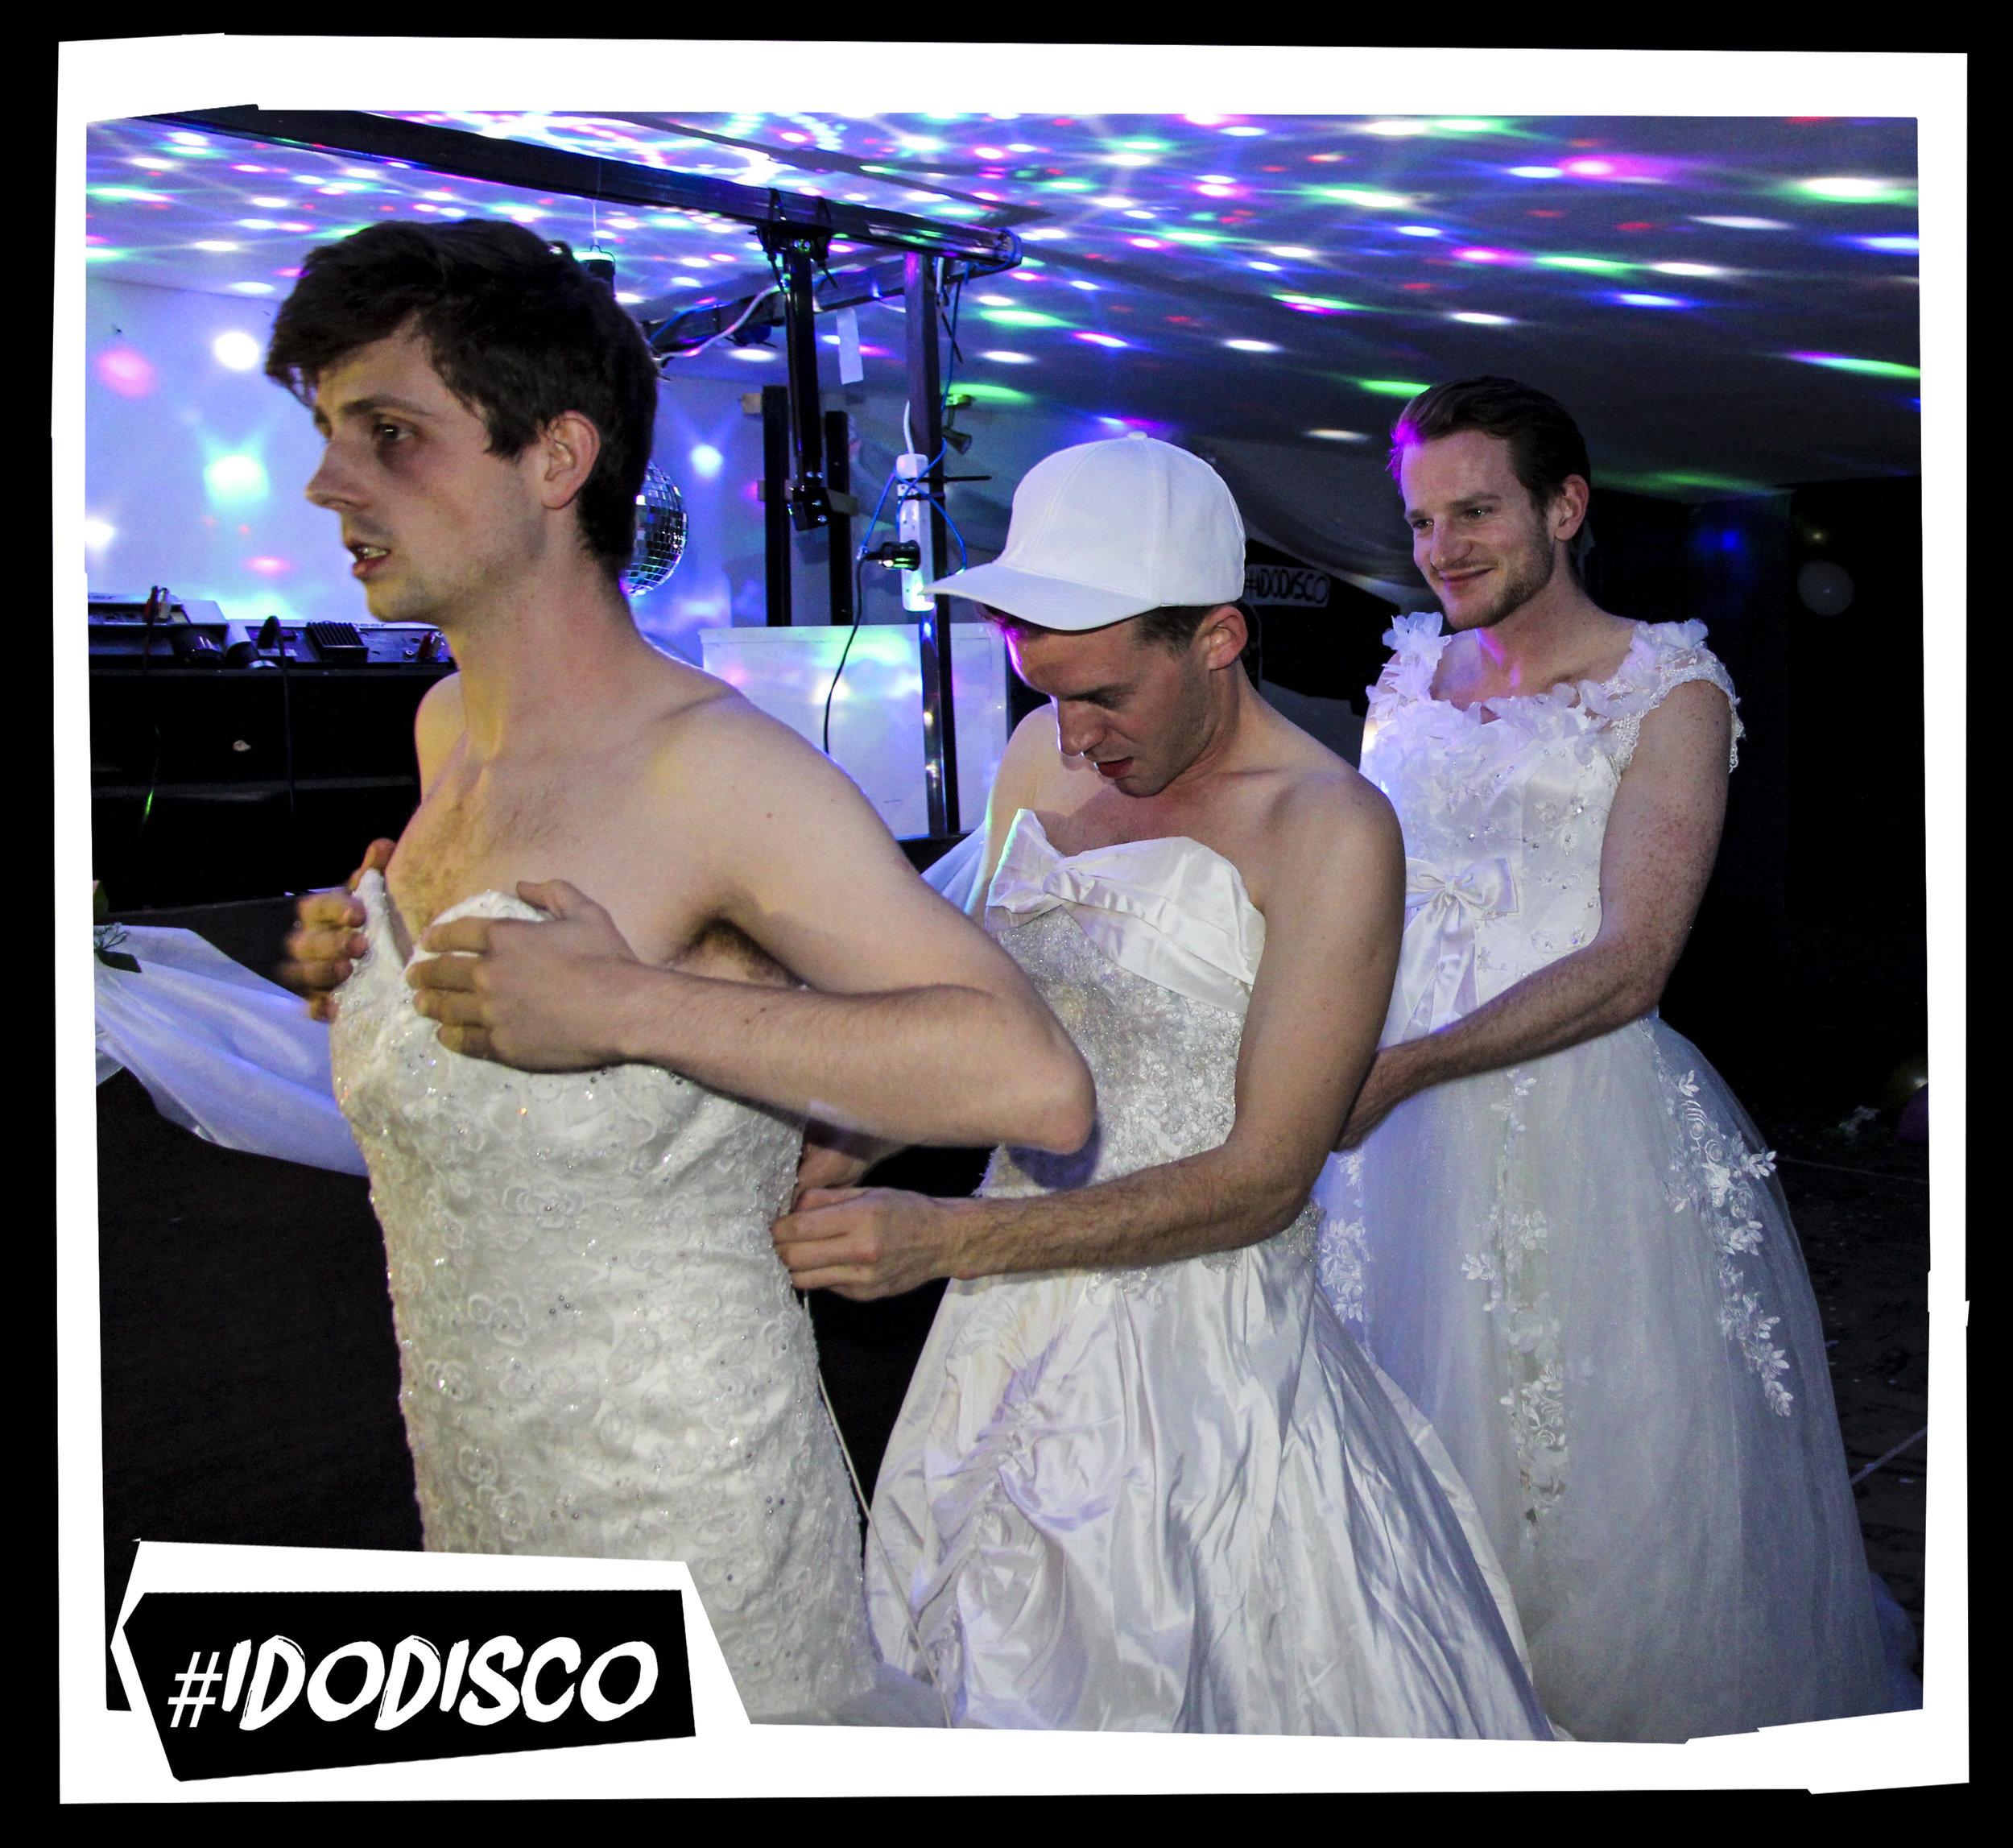 Disco-7047